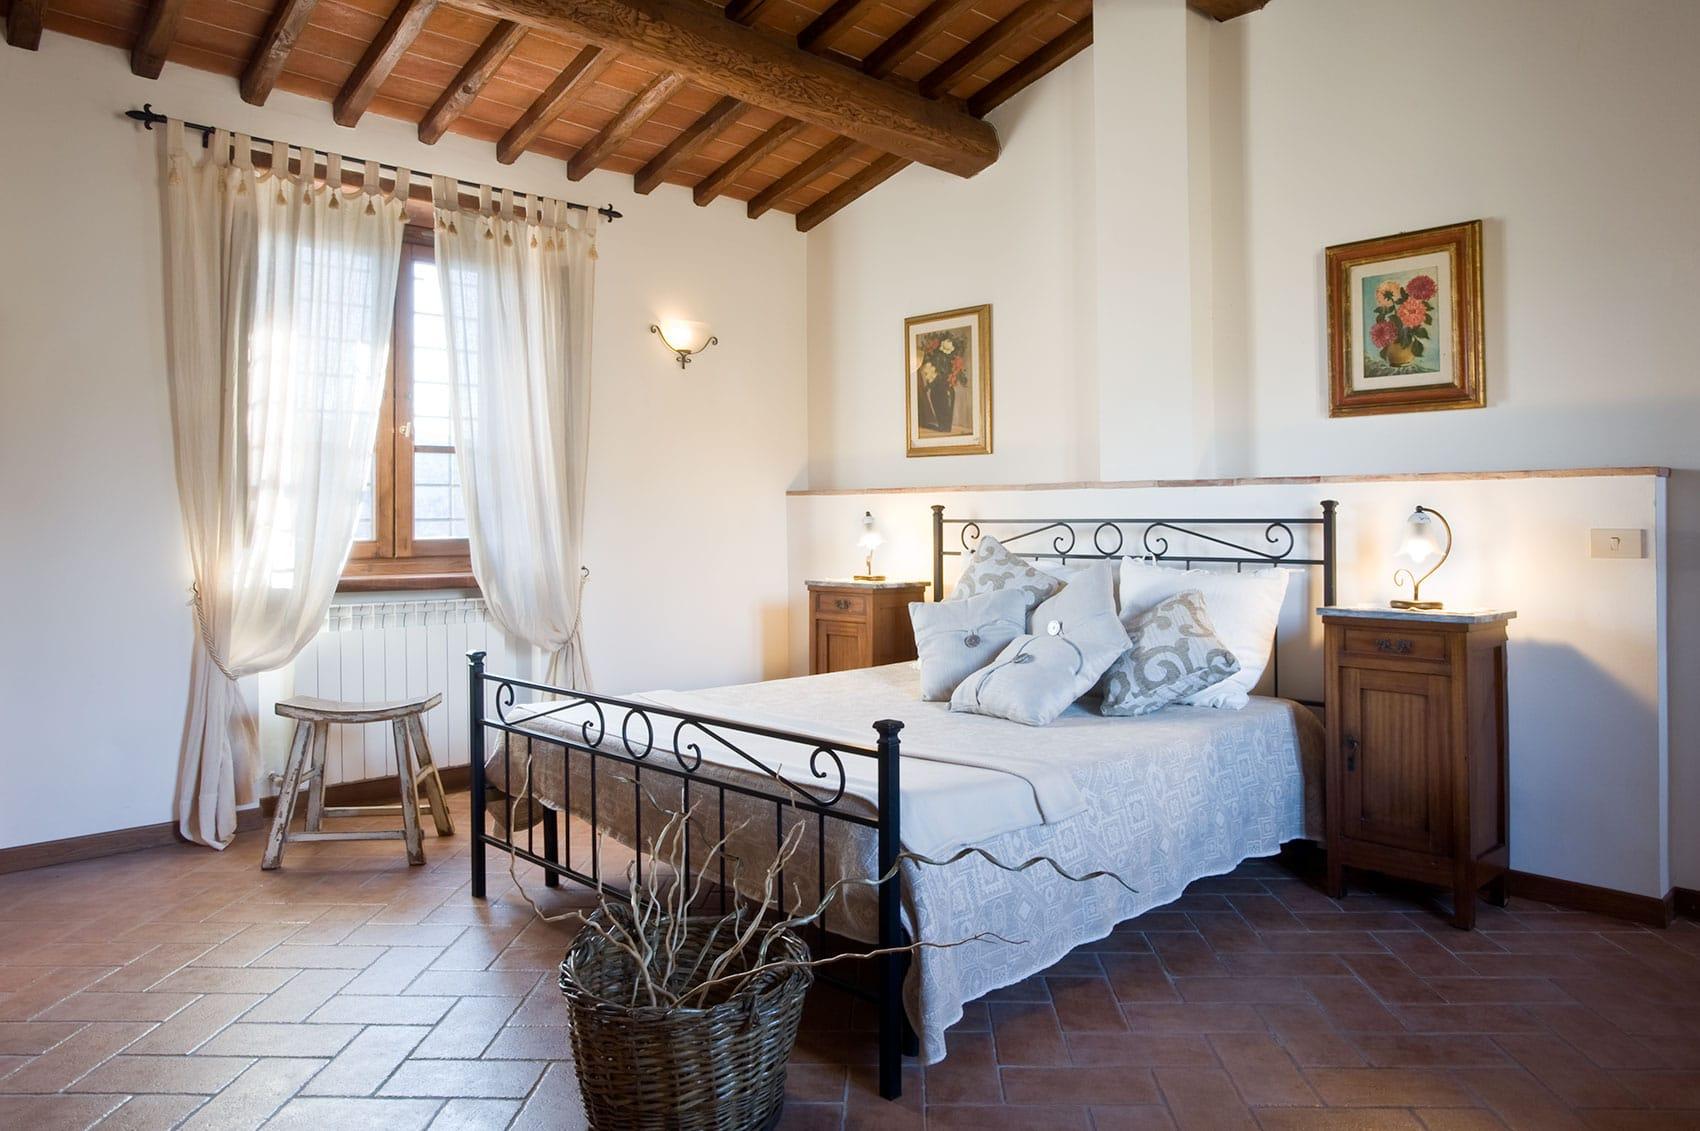 miravalle, Incrociata, Agriturismo Incrociata, Tuscan Agriturismo, Farmhouse suites, Holiday apartments Tuscany, Tuscany accommodation, Tuscan holiday home, Casa vacanza